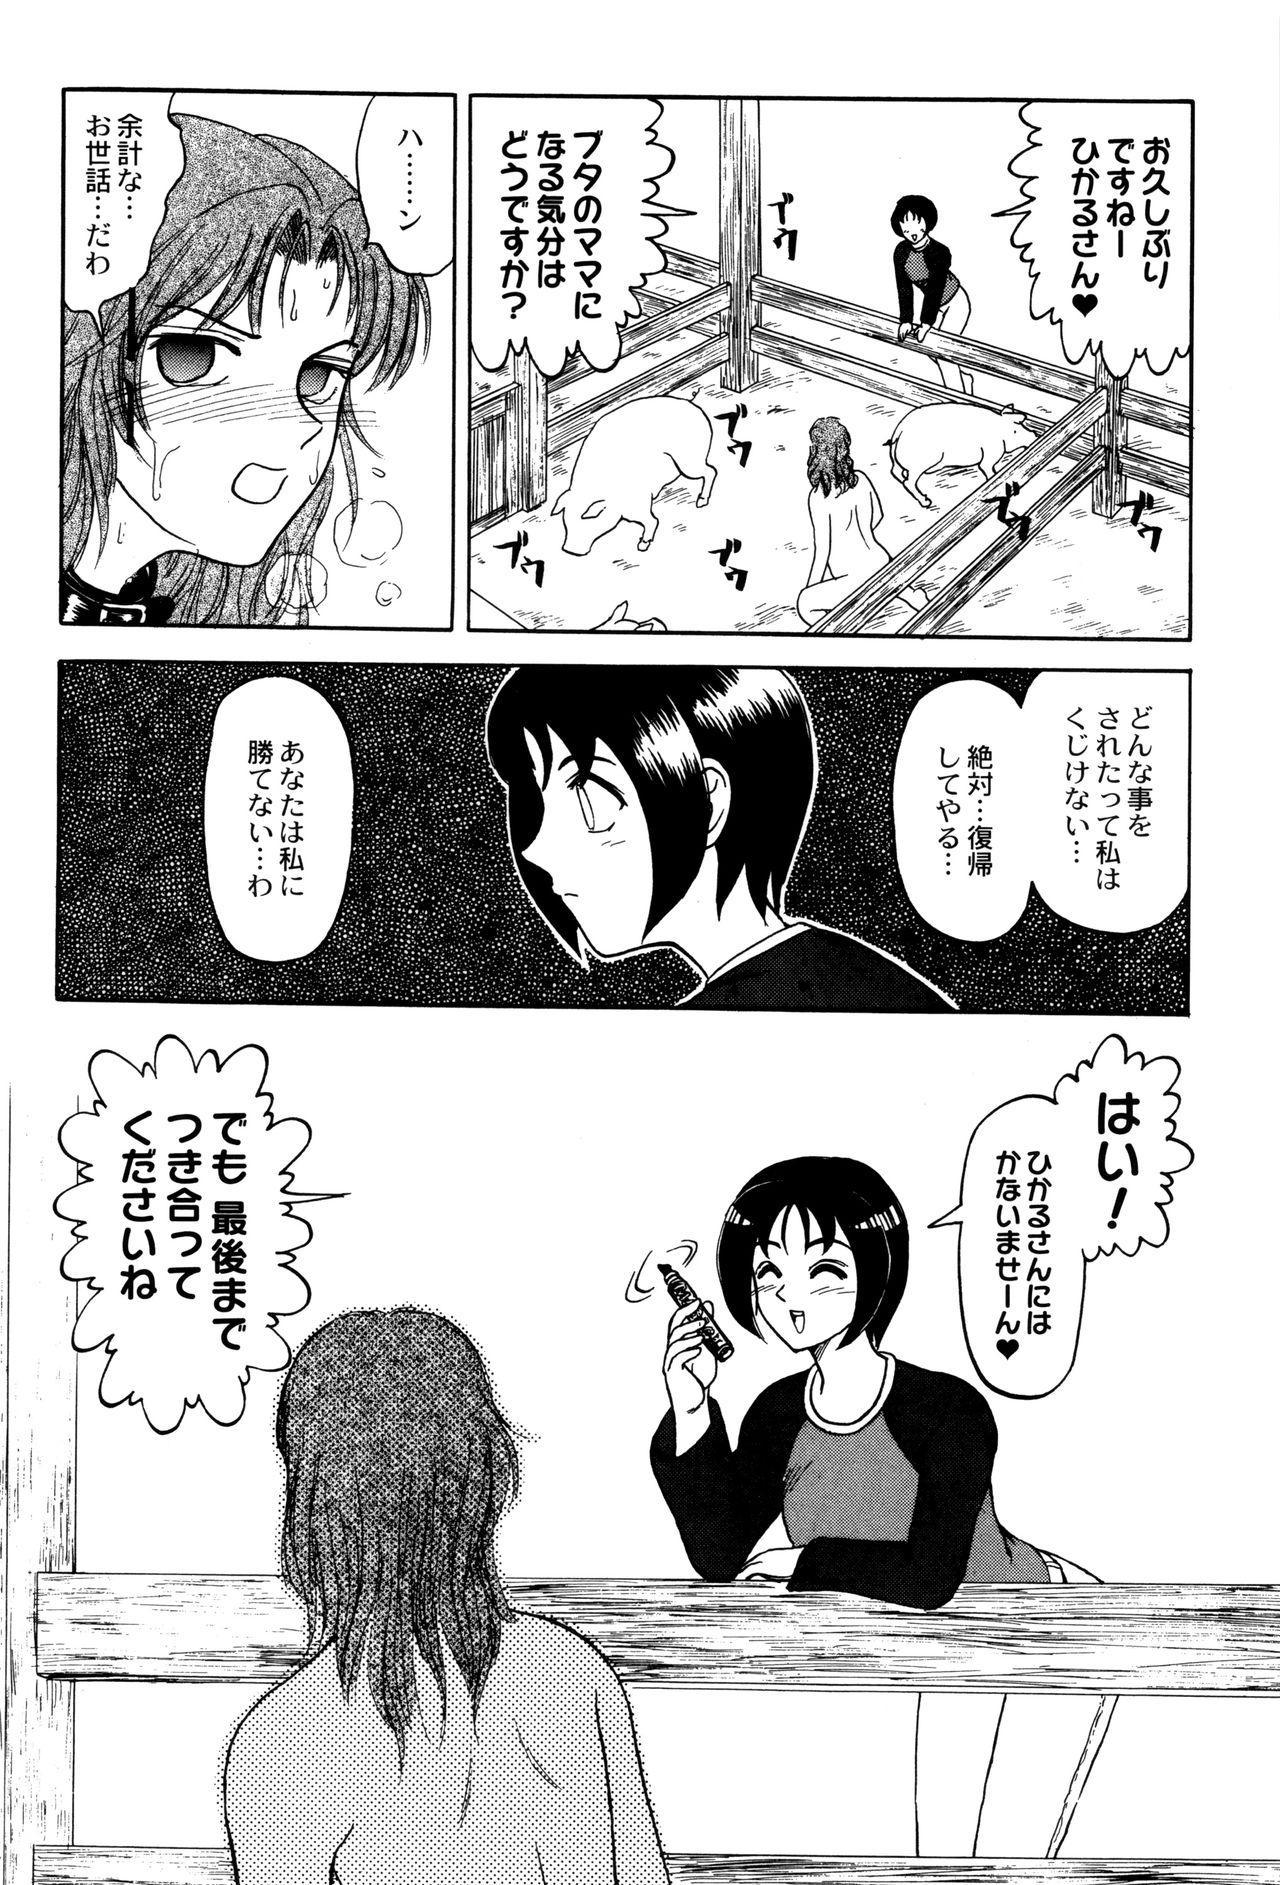 Chishigoyomi 156